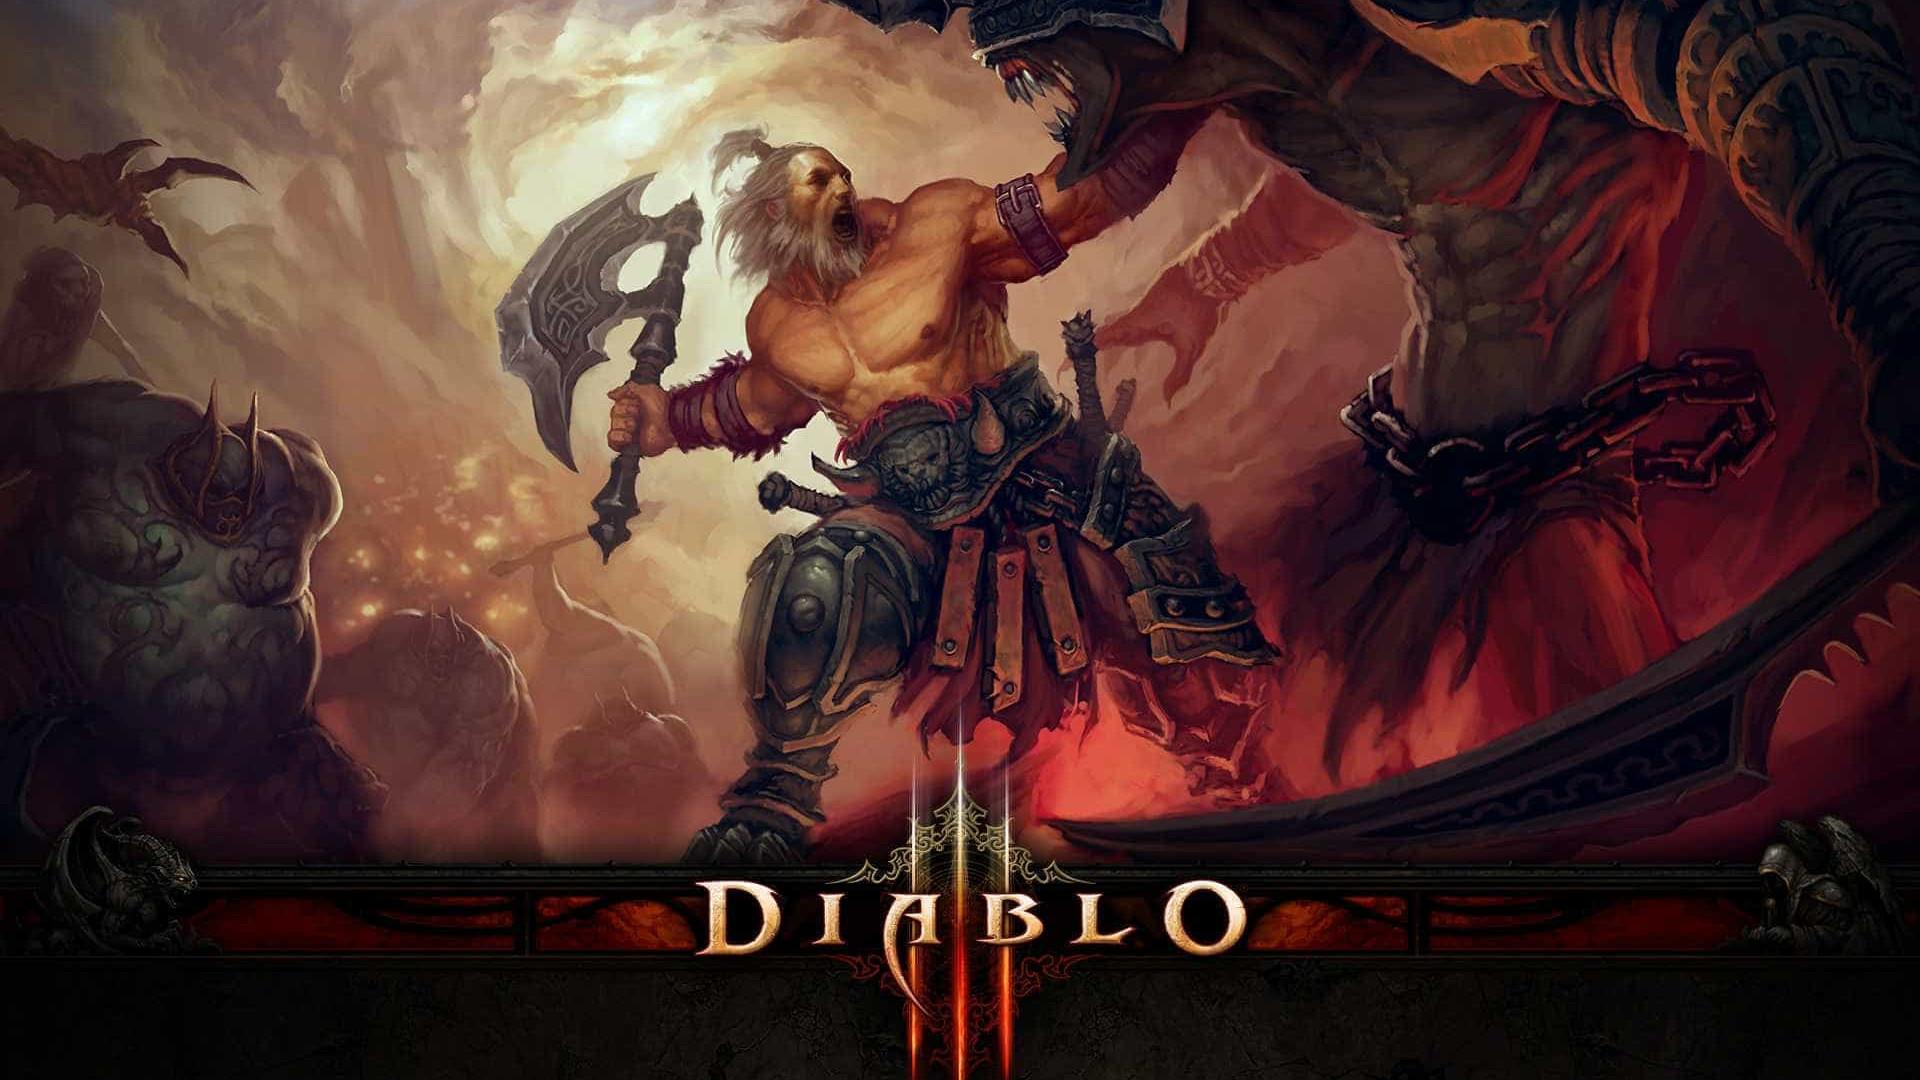 Novo 'Diablo' em breve? Blizzard confirma que tem projetos em andamento